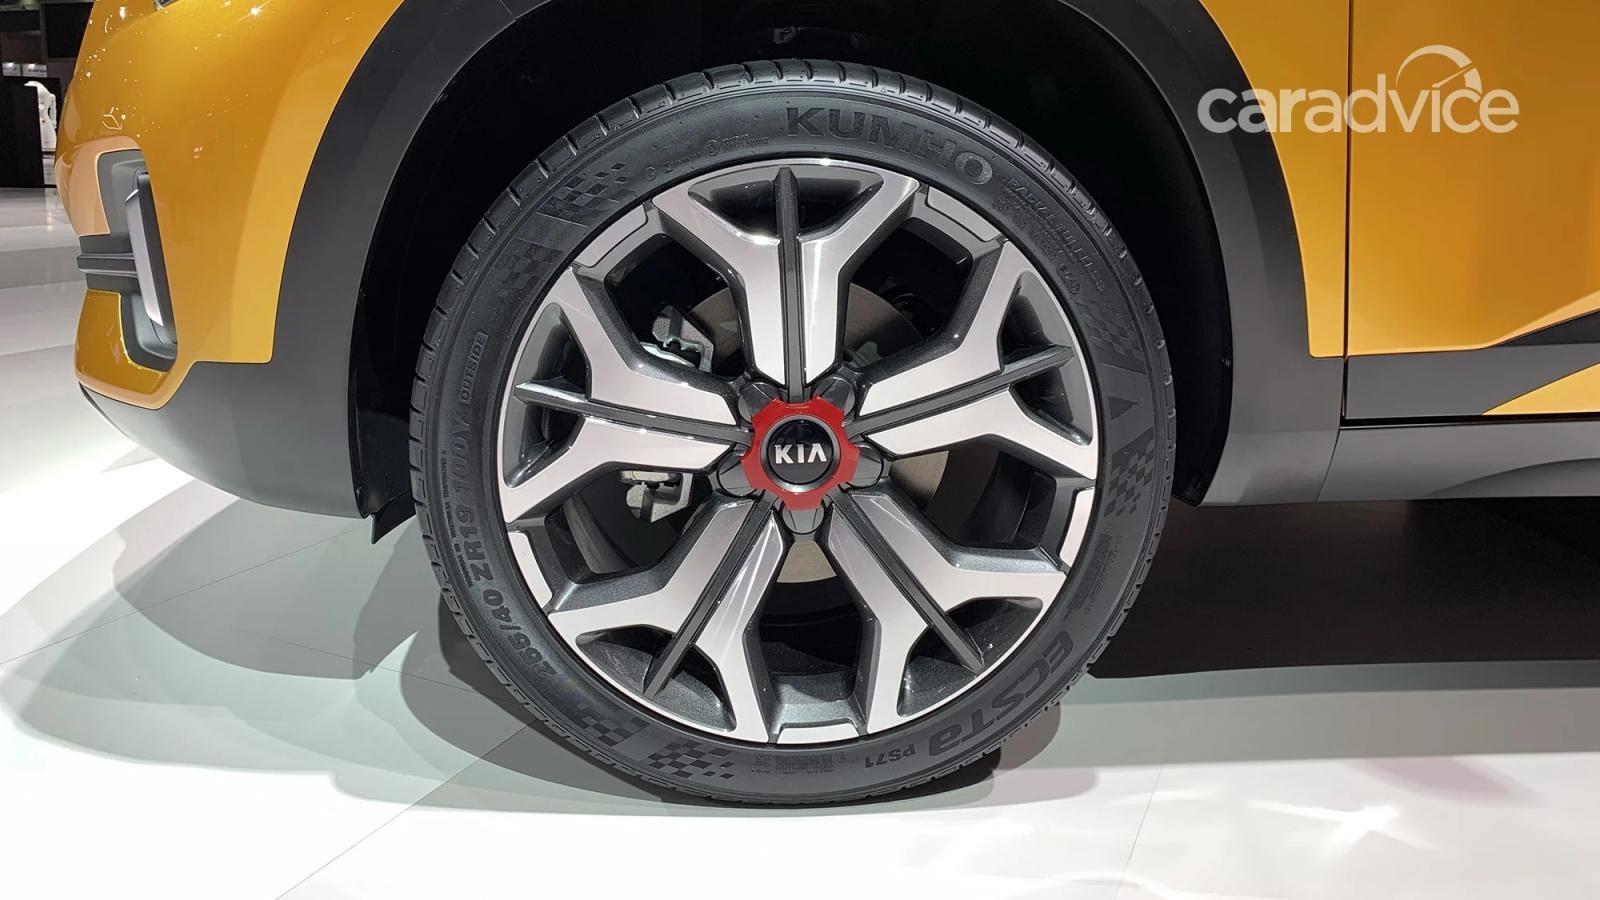 Bộ vành 5 chấu kép cỡ lớn của Kia SP Signature